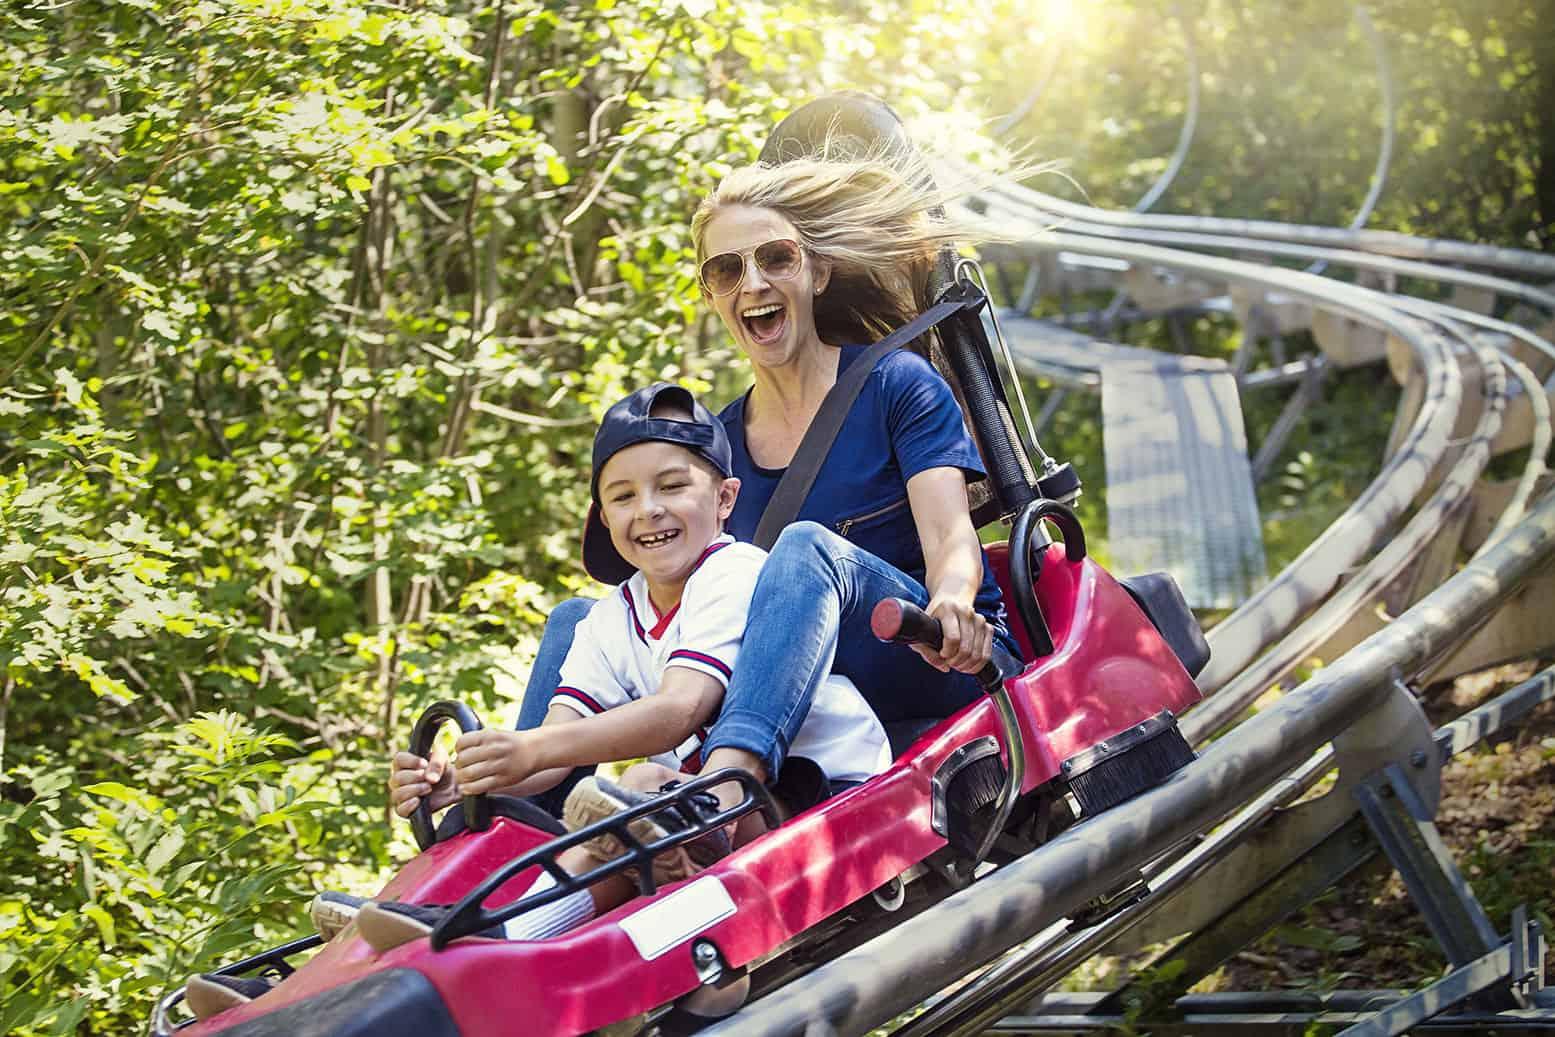 mom and son riding mountain coaster